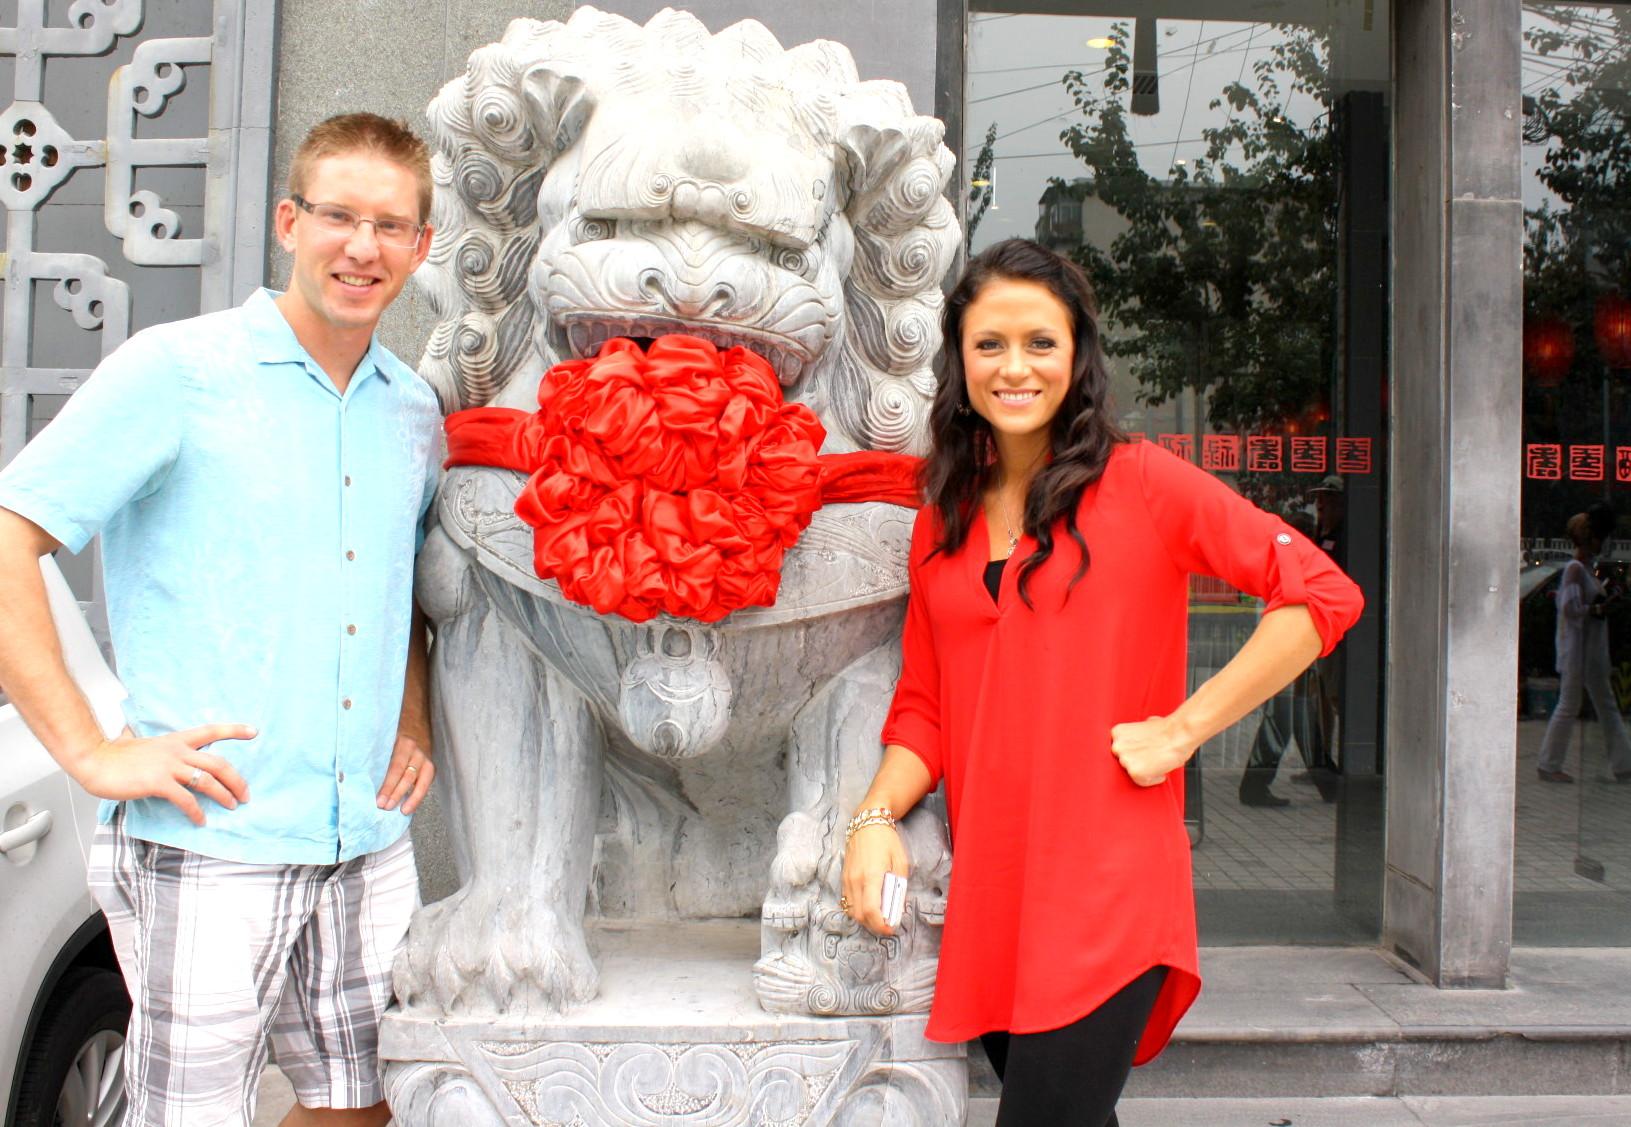 Beijing. China 2013